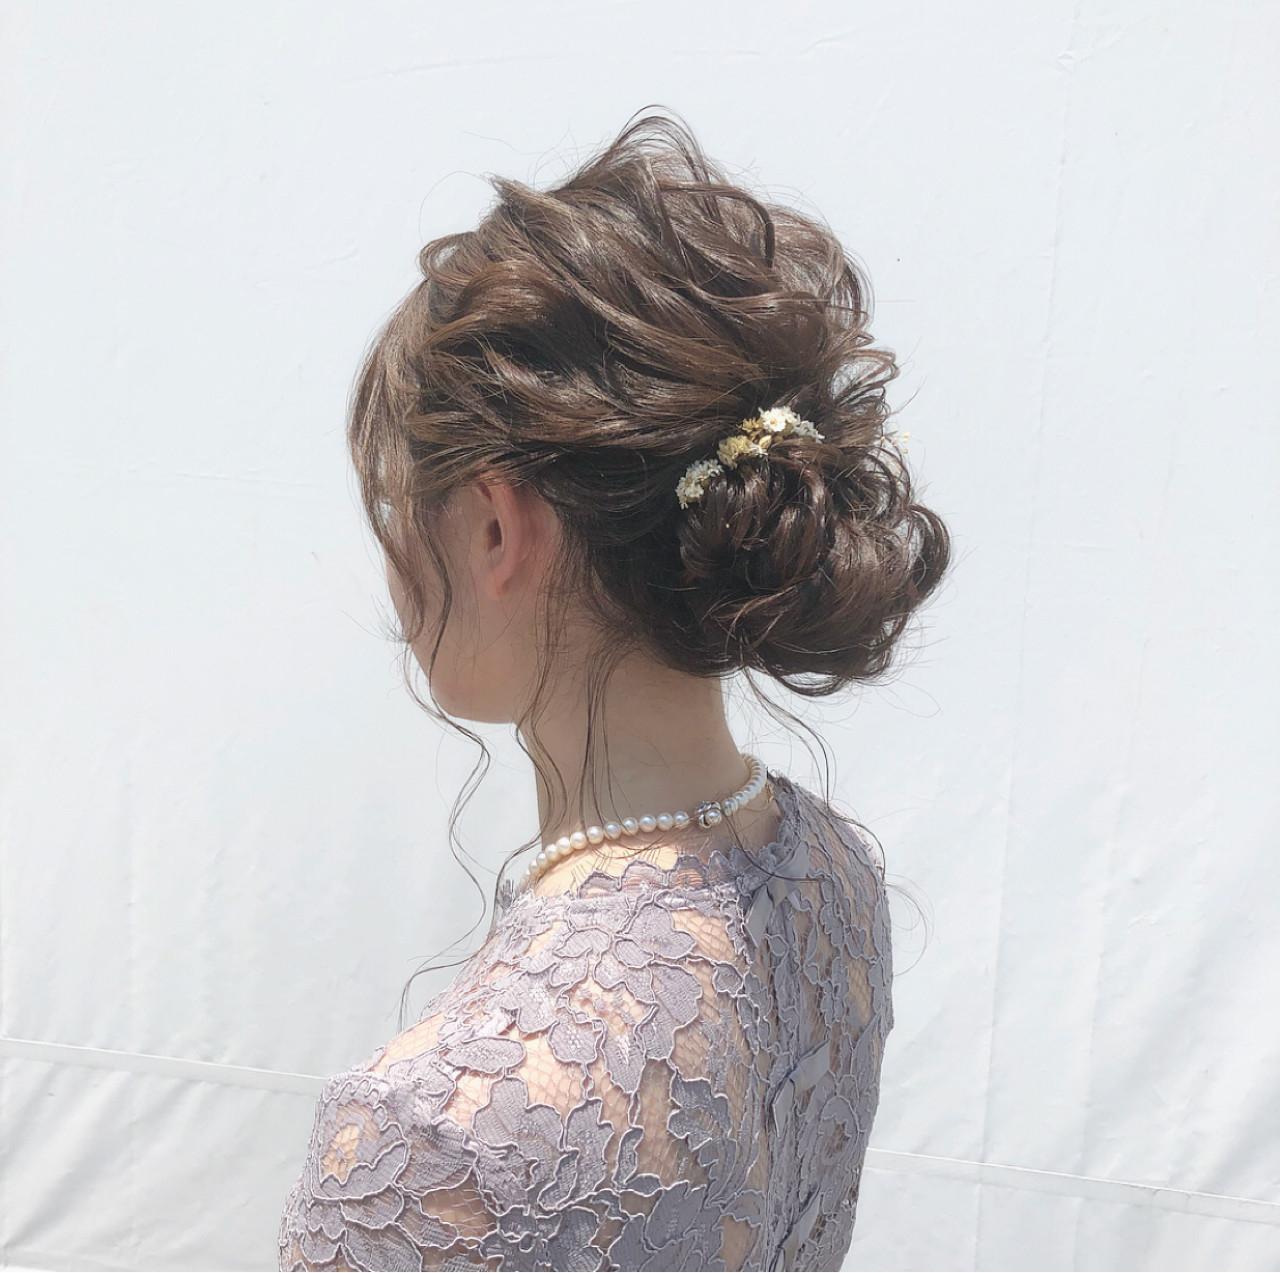 パーティにぴったりのセルフヘアアレンジ20選♡動画や画像でわかりやすくご紹介